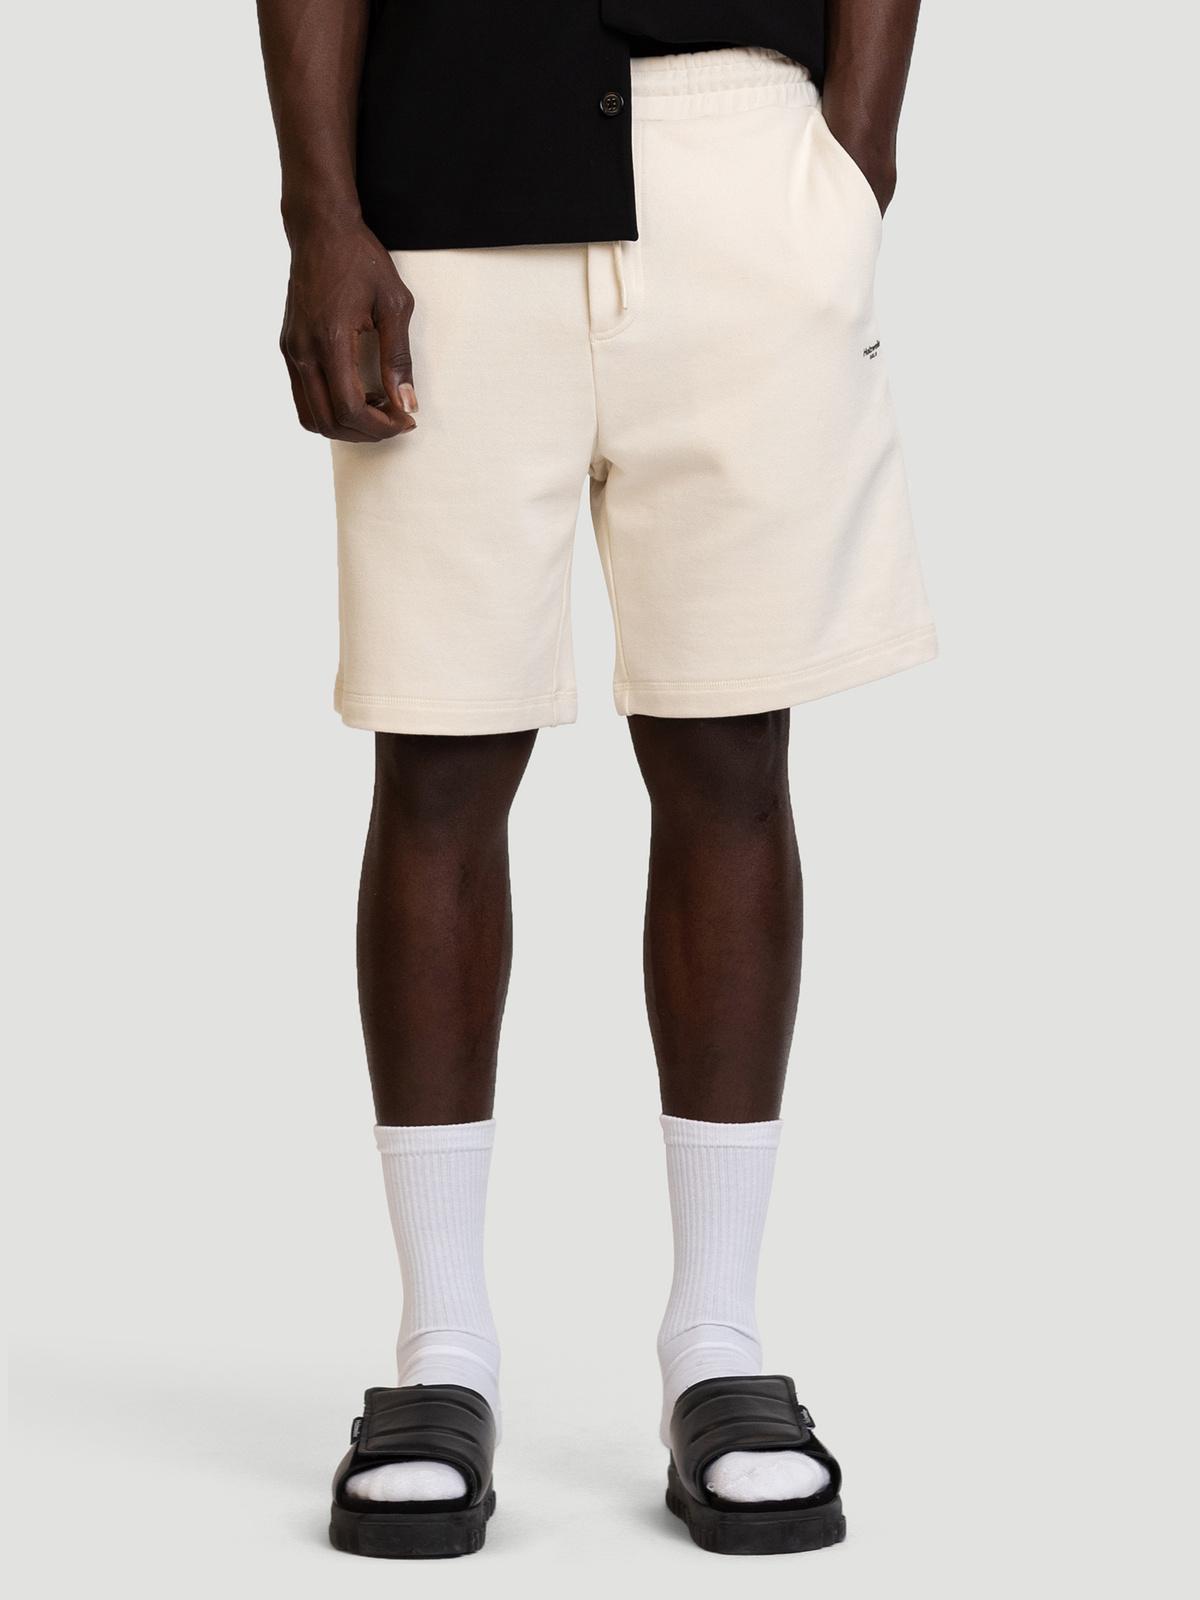 M. Oslo Shorts Ecru 2